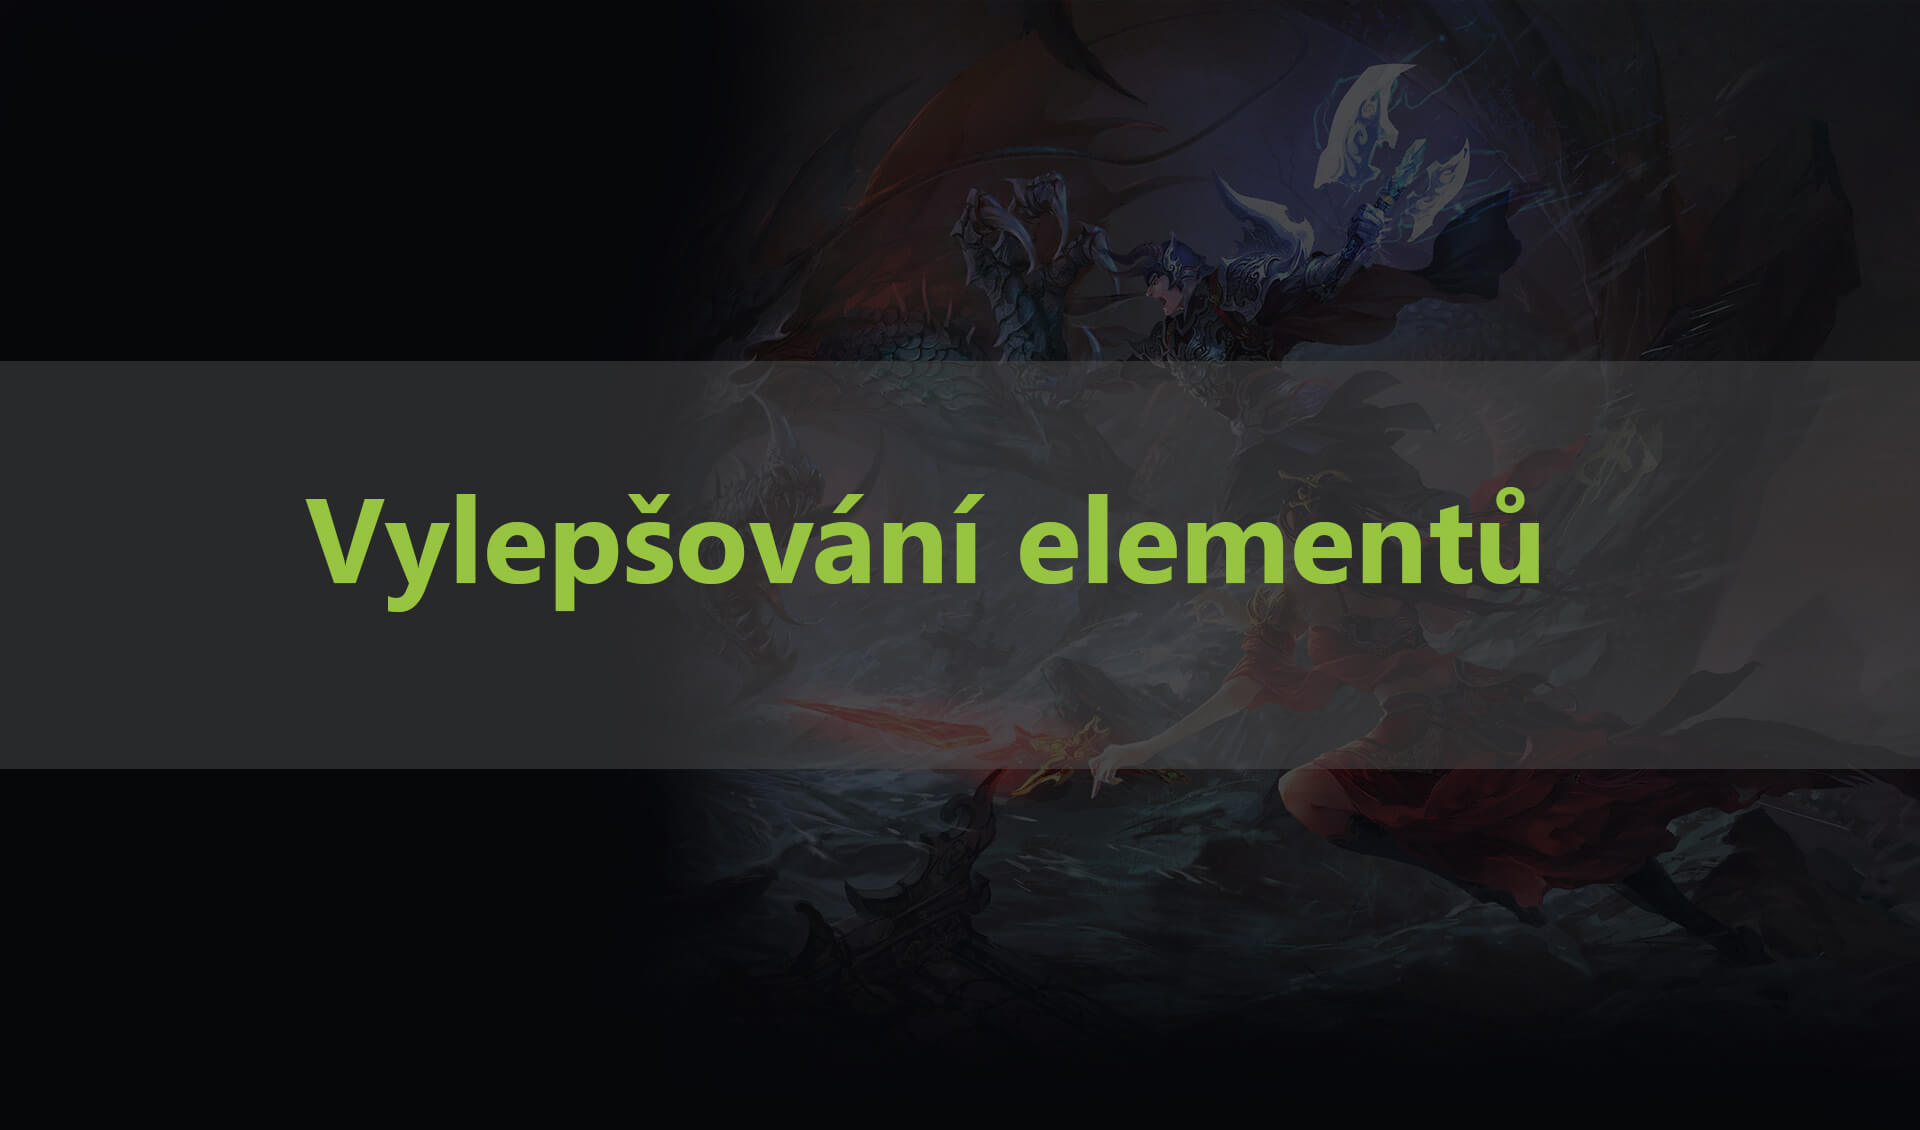 Vylepšování elementů